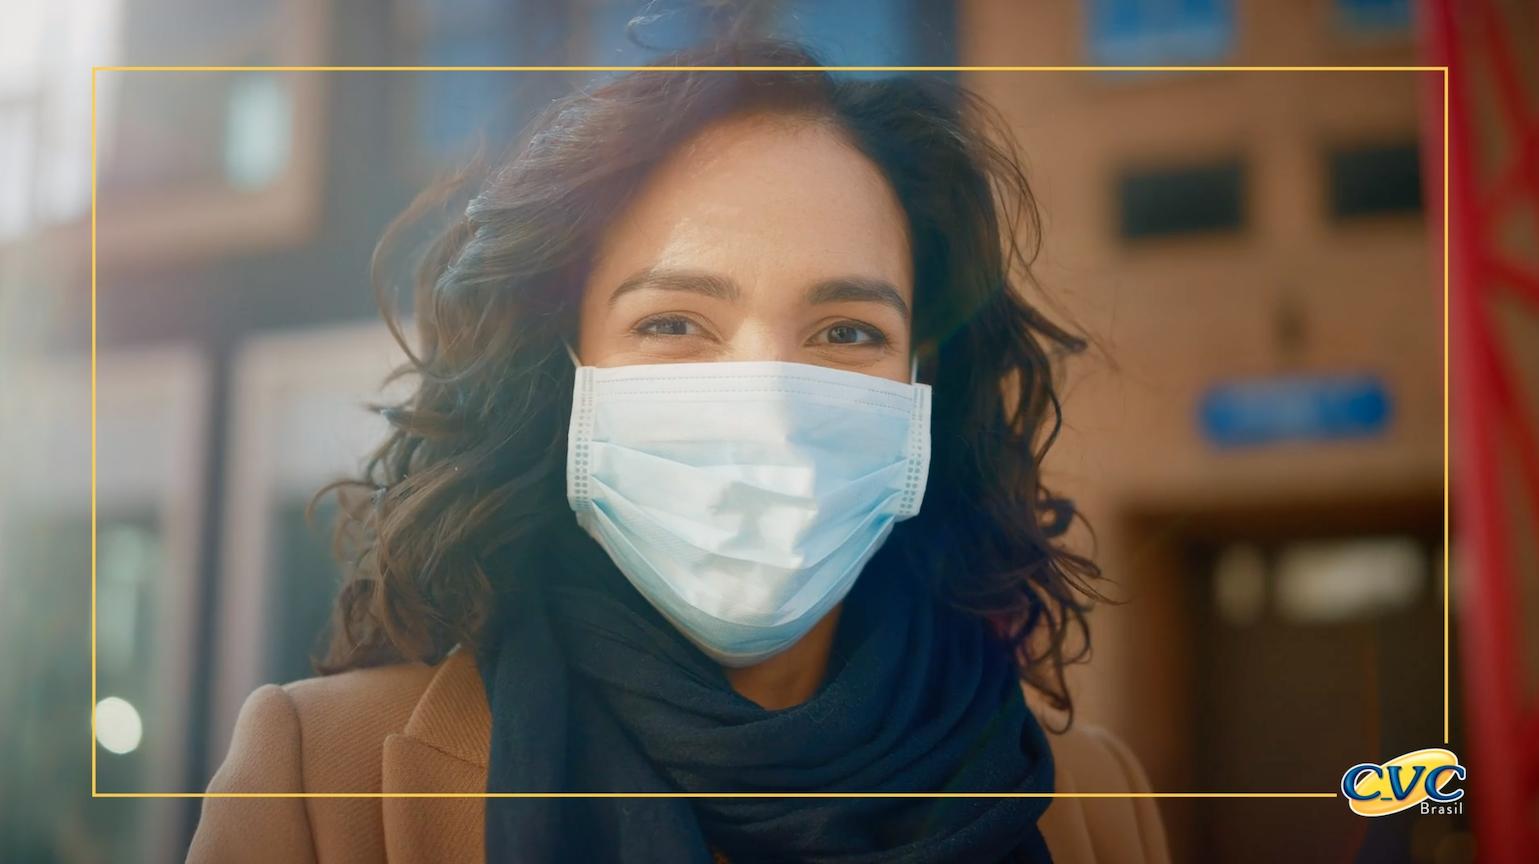 CVC lança nova campanha para reafirmar compromisso com a saúde e o bem-estar de seus clientes